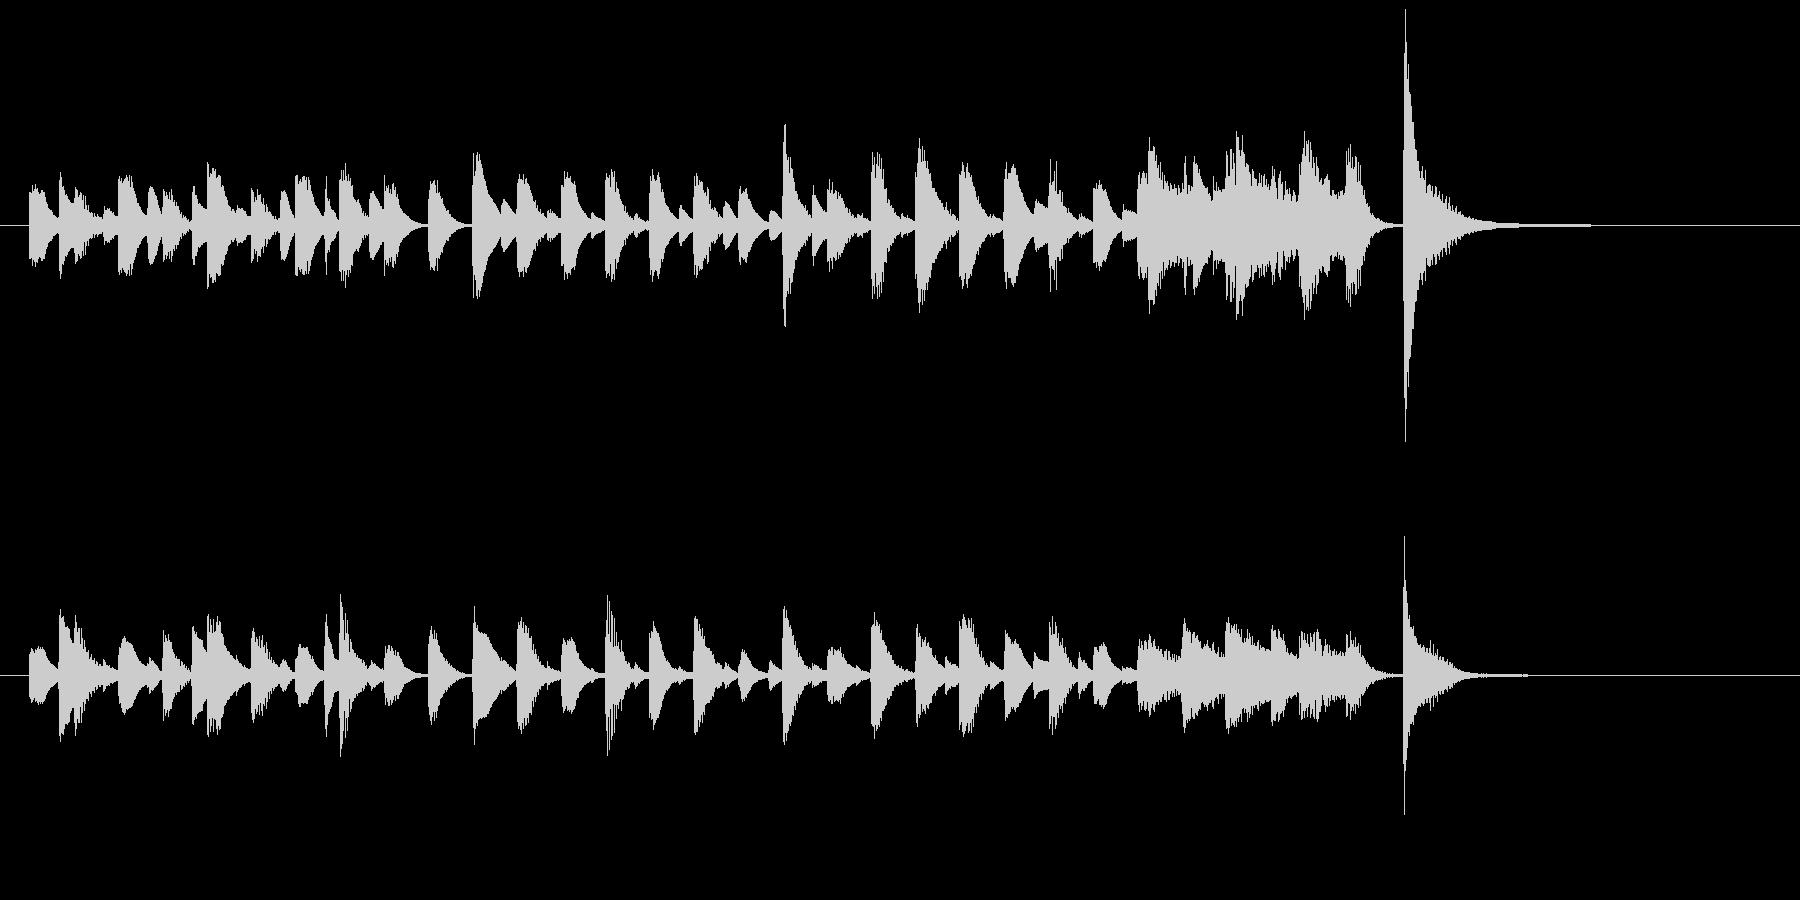 ジャズピアノ、軽快、おどけた、ジングル2の未再生の波形